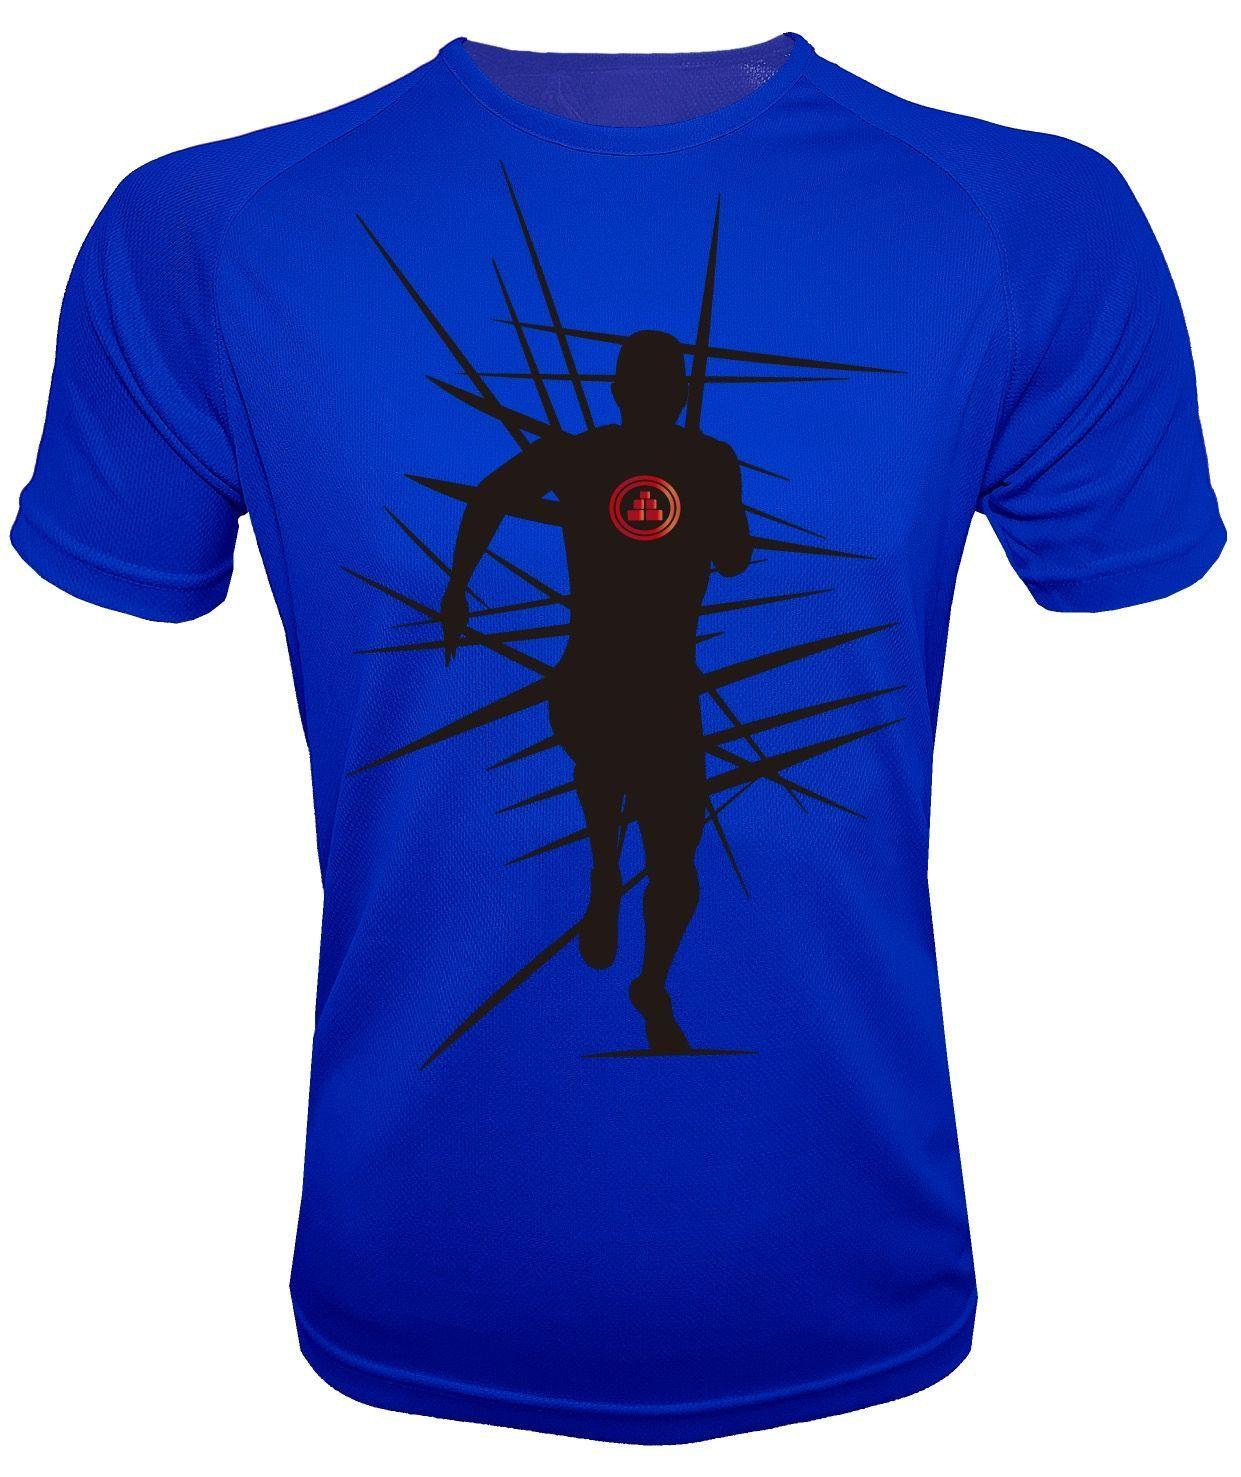 Camiseta de deporte Sprint AR